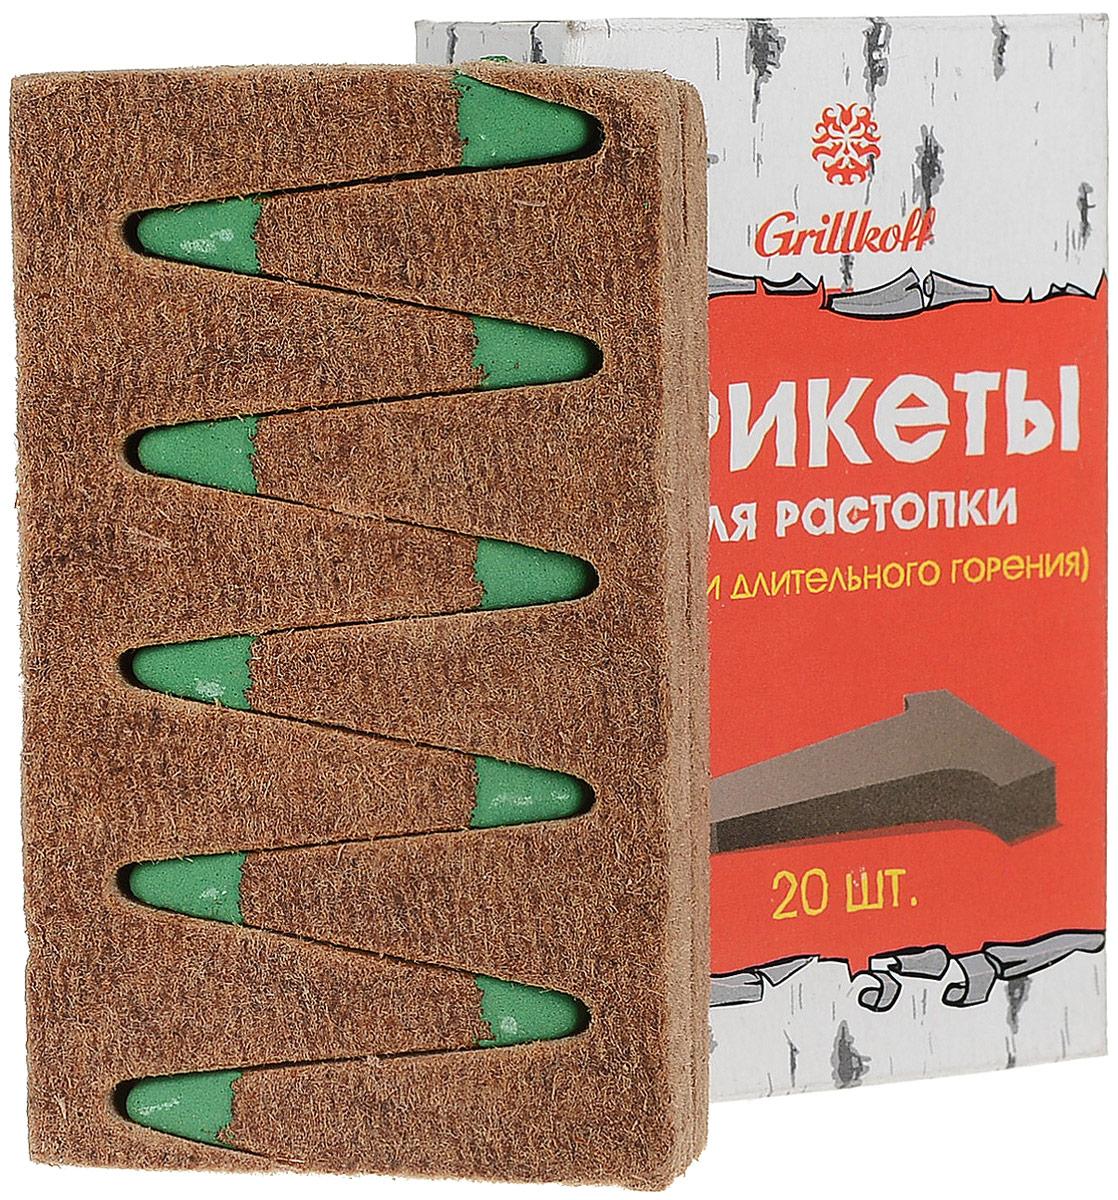 Брикеты для растопки Грилькофф, 20 шт20Брикеты для растопки Грилькофф - представляют собой спрессованную смесь древесной пыли и твердого парафина, дополнительно снабжены серным наконечником. На упаковке находится серная зажигательная полоса.Высокоэффективное средство для растопки печей, каминов, мангалов, барбекю, костров на любых видах твердого топлива (уголь, дрова, и прочие). Продолжительность горения одного брикета - не менее 15 минут.Количество брикетов: 20 шт.Уважаемые клиенты! Обращаем ваше внимание на то, что упаковка может иметь несколько видов дизайна. Поставка осуществляется в зависимости от наличия на складе.